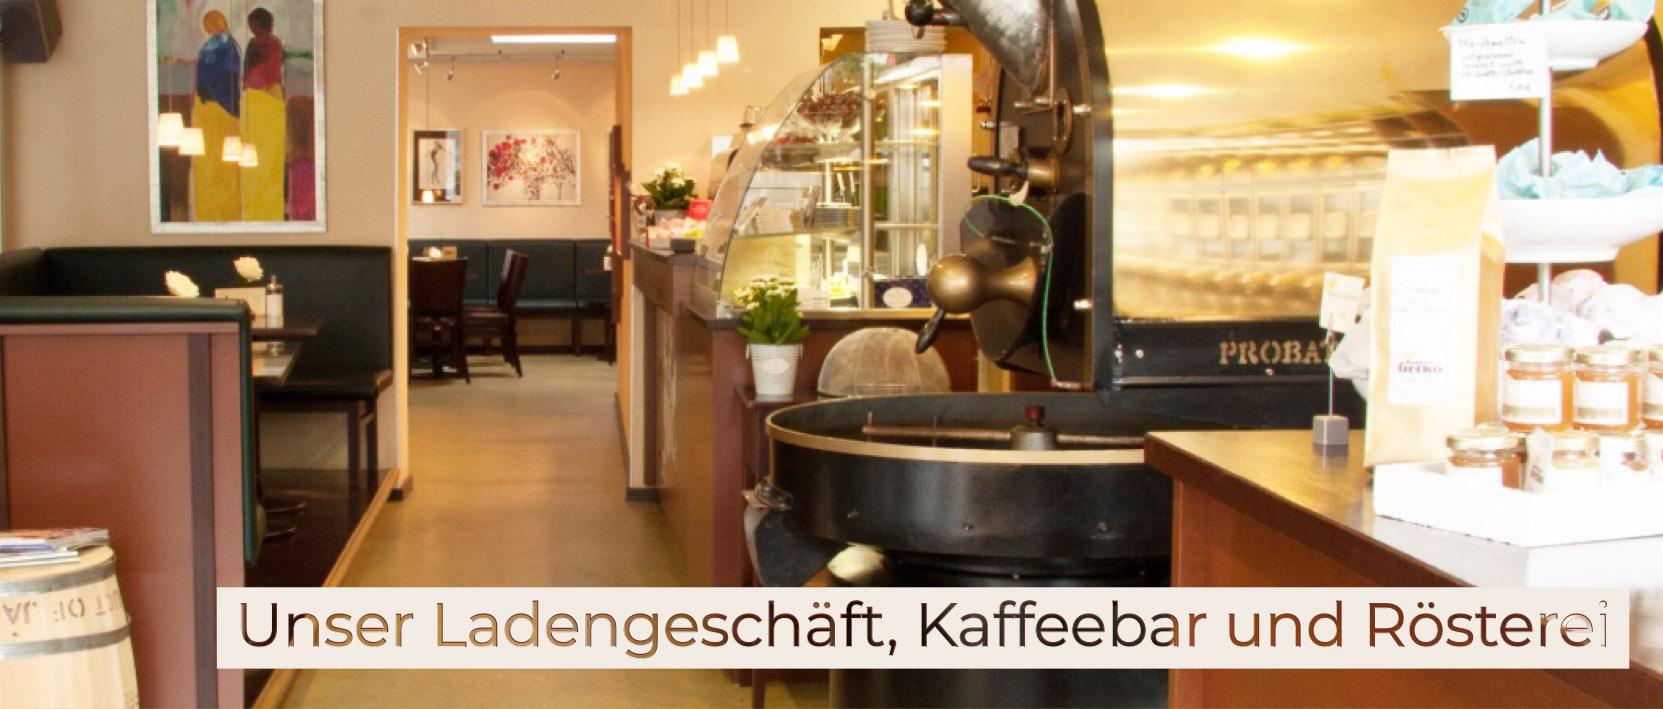 Blick in das Ladengeschäft, Kaffeebar und Rösterei